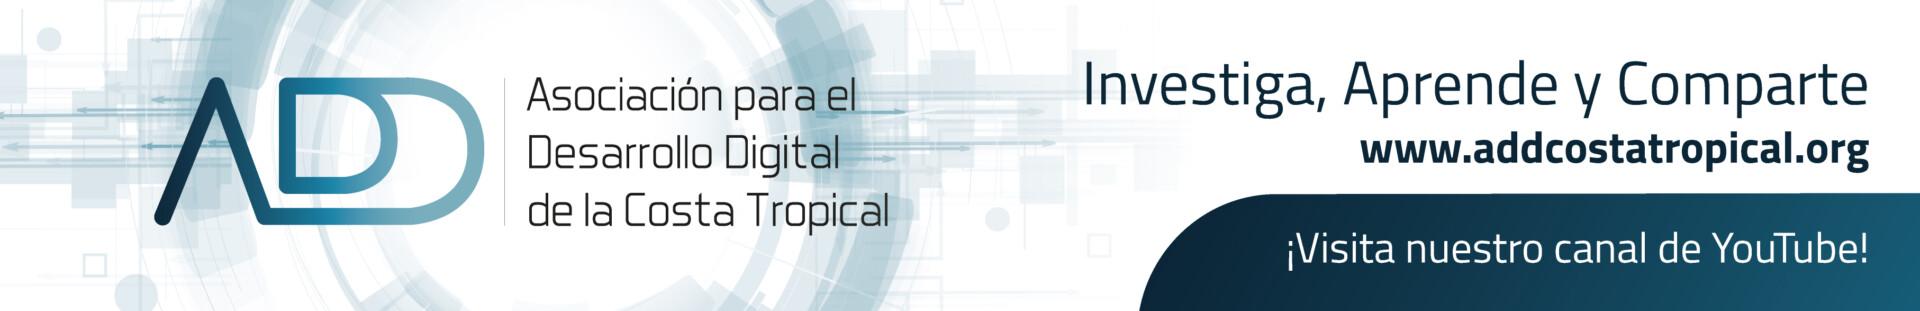 Banner de Asociación para el Desarrollo Digital de la Costa Tropical